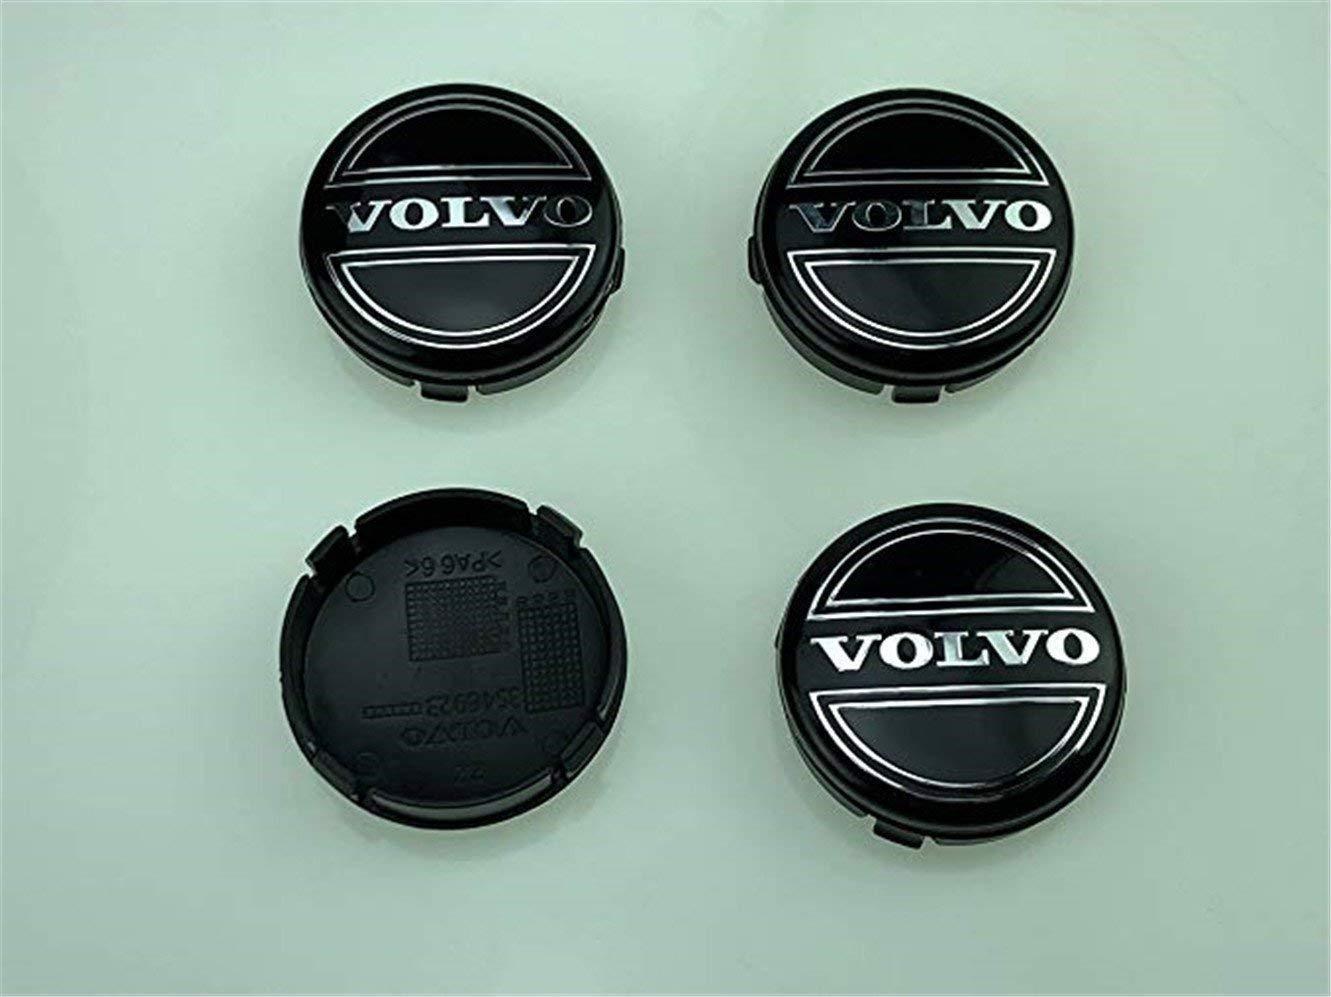 Y&F Boutique shops Juego de 4 tapacubos de Aleación para Llantas de Volvo, 64 mm, Negro, C70, S60, V60, V70, S80, XC90: Amazon.es: Coche y moto